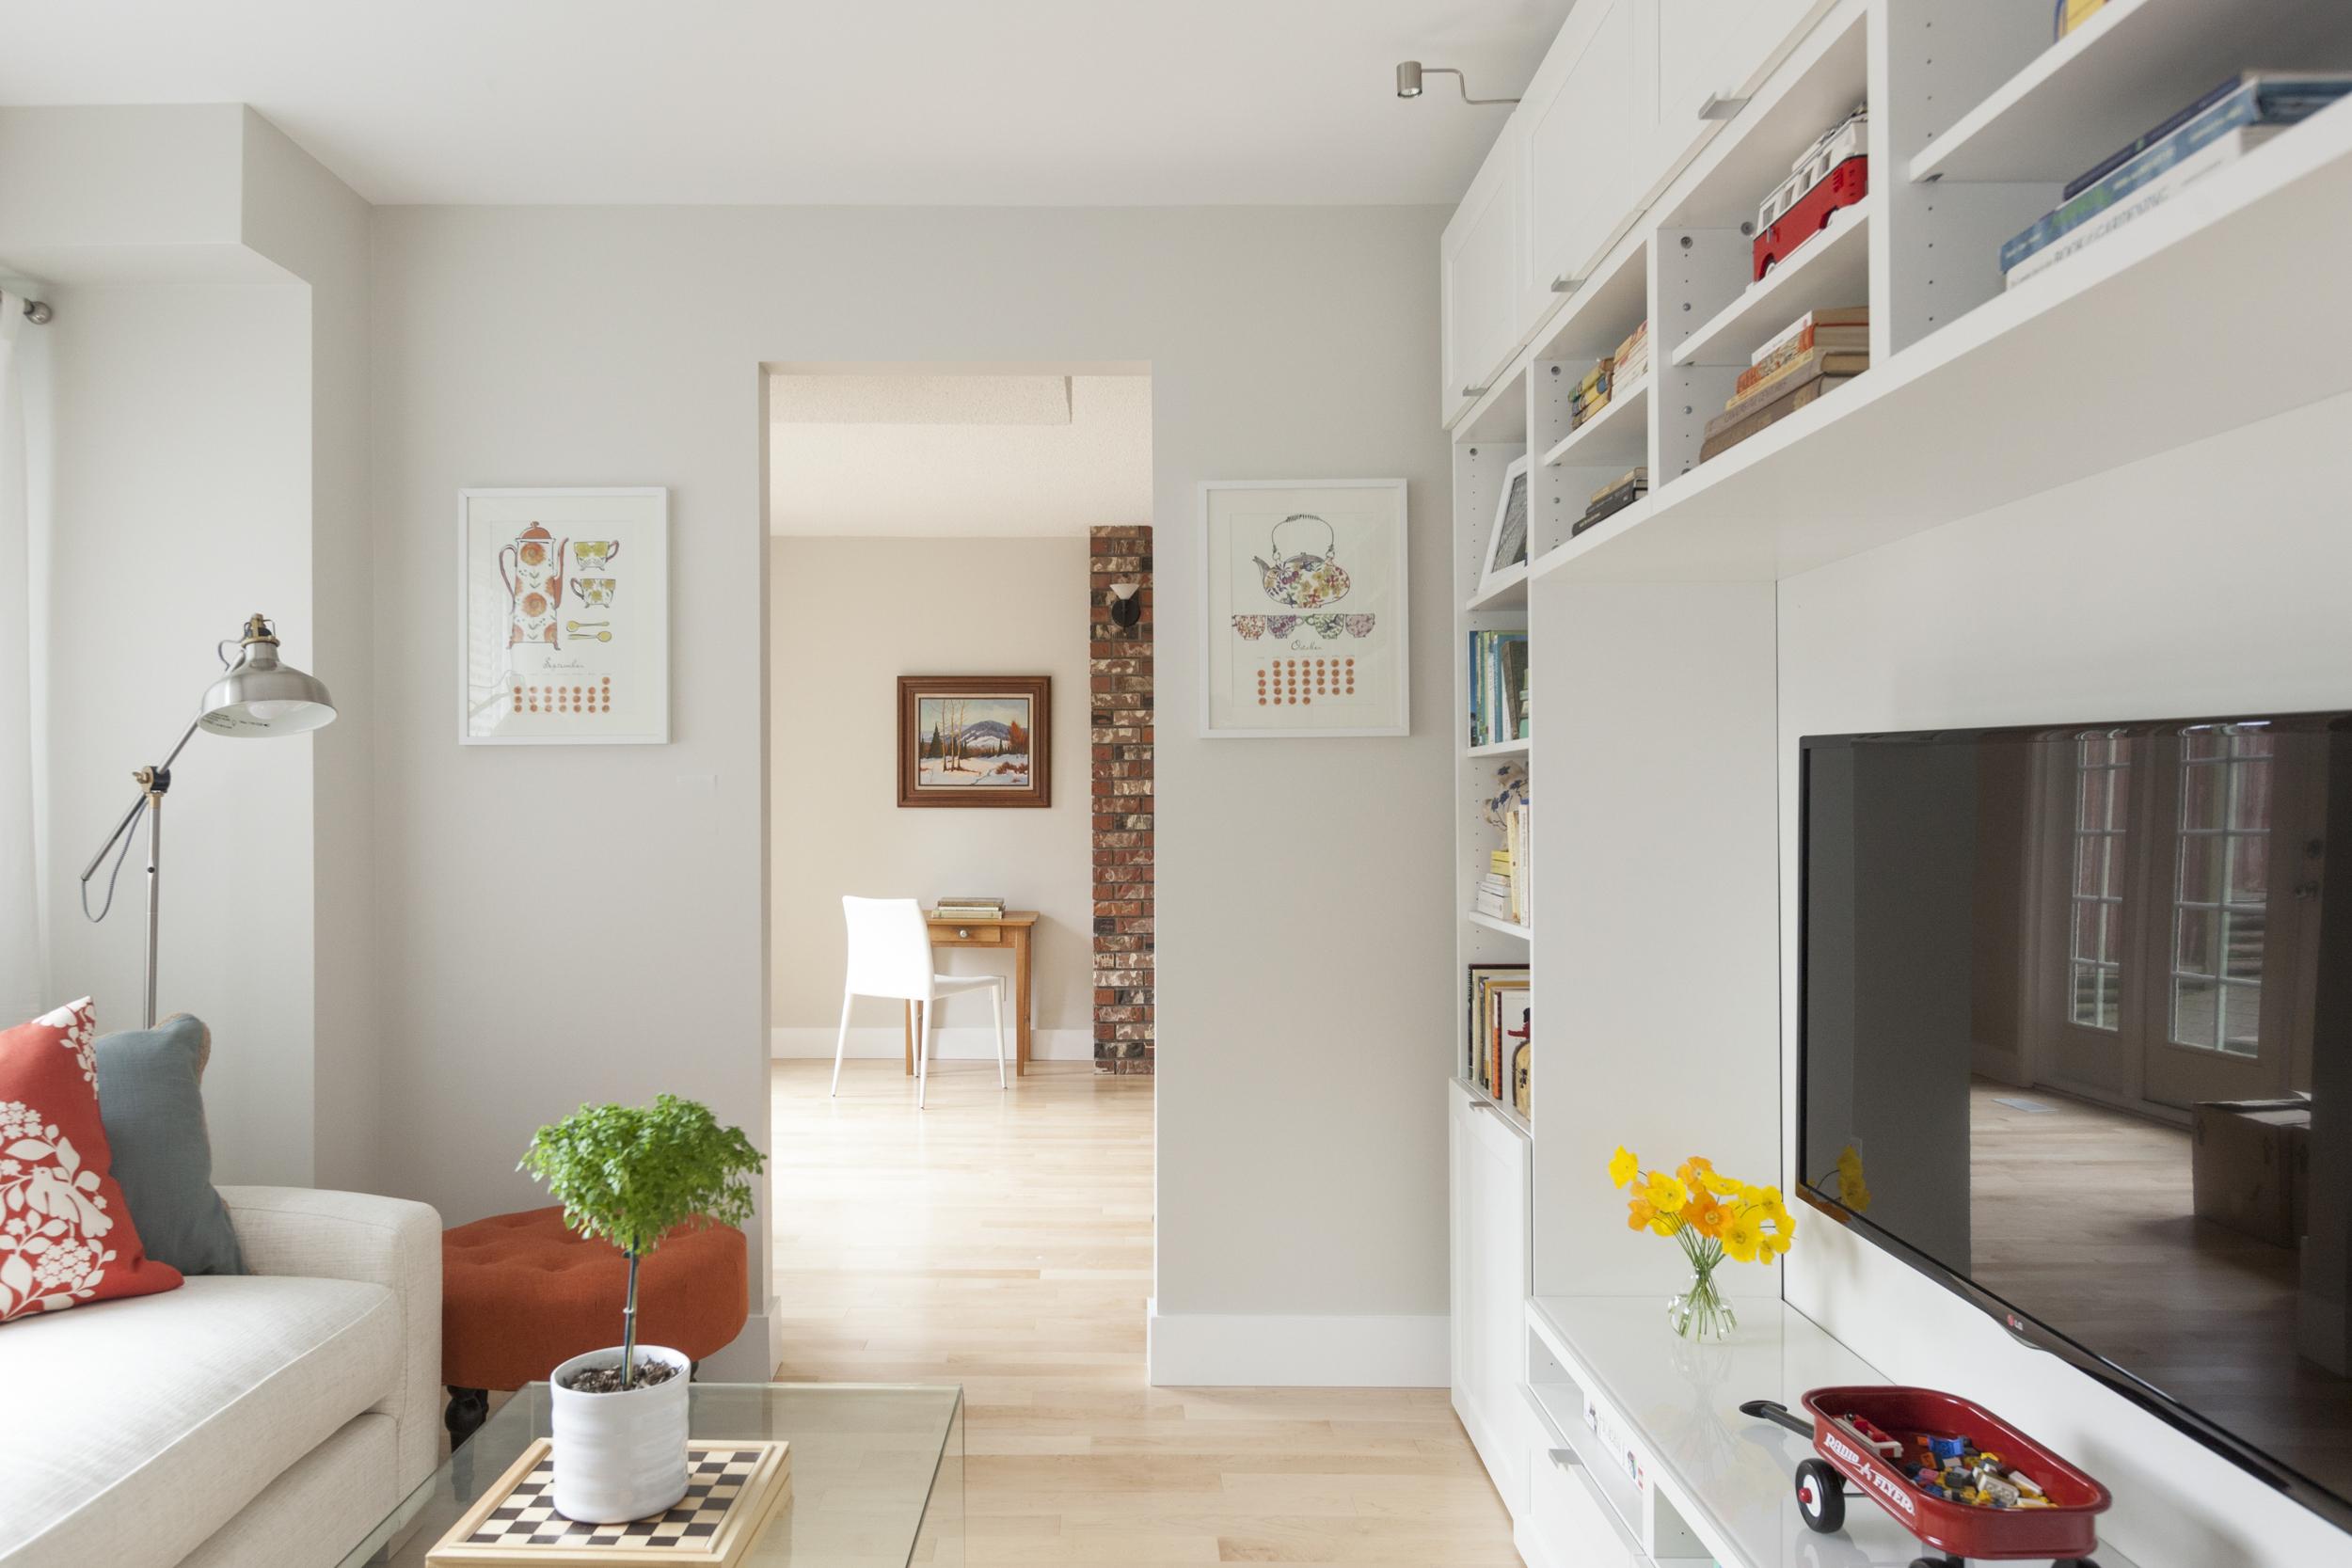 designreflektor-editorial-commercial-photopgraphy-vancouver-0290.jpg